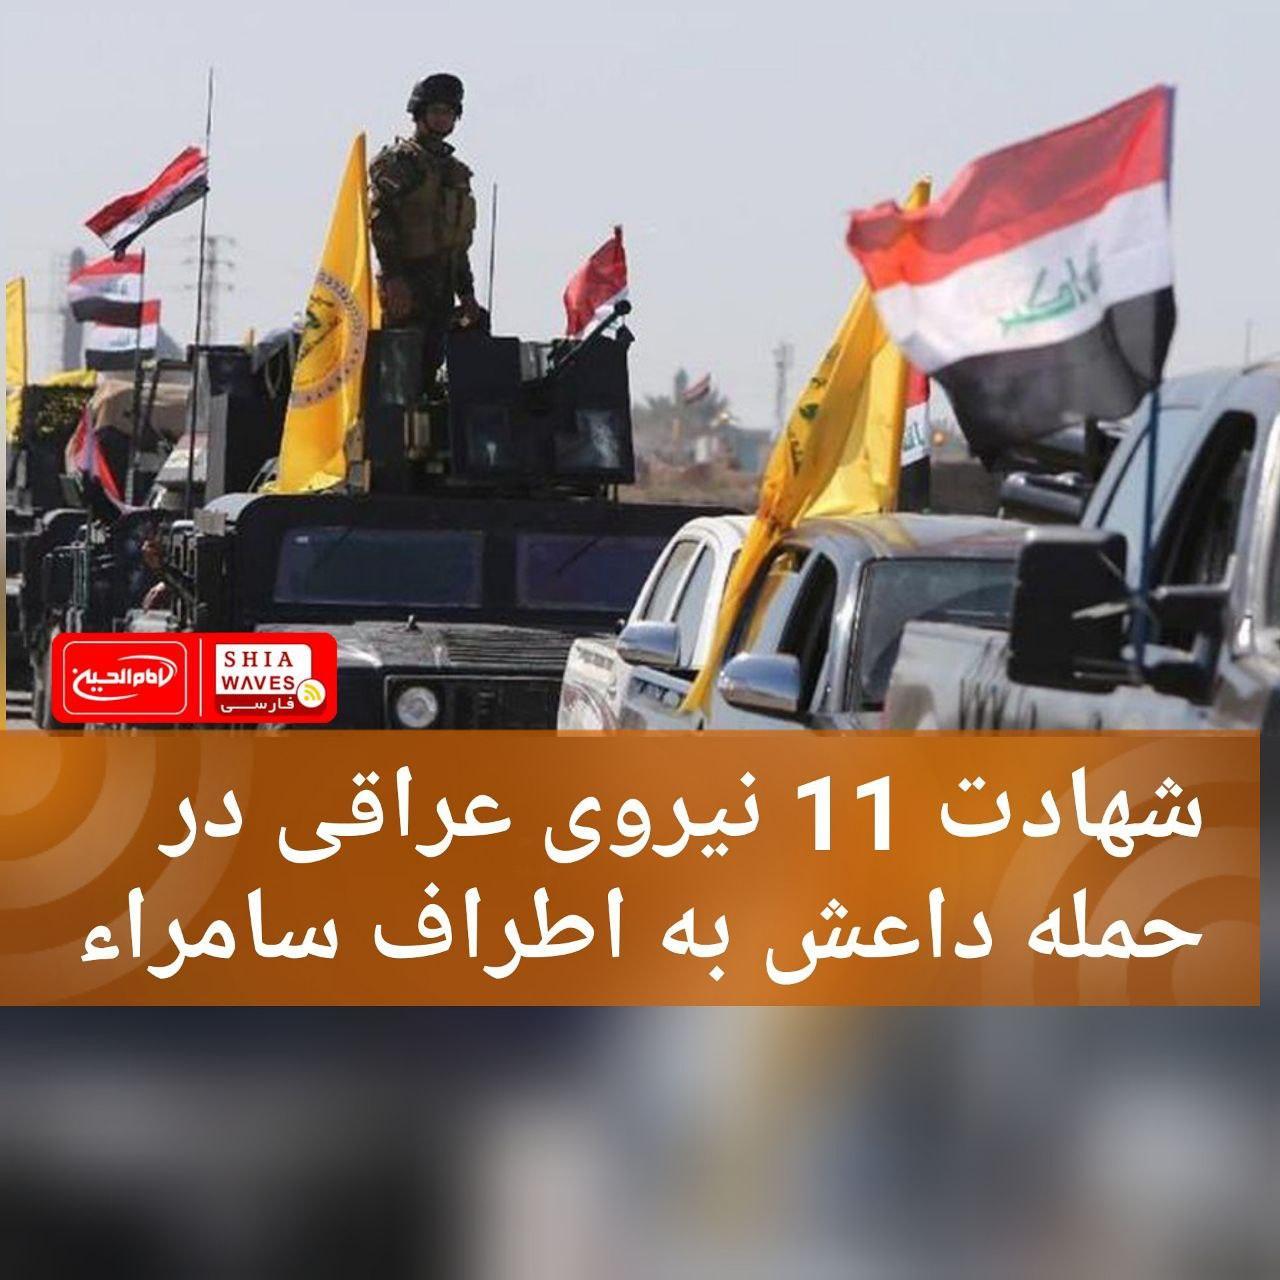 تصویر شهادت 11نیروی عراقی در حمله داعش به اطراف سامراء